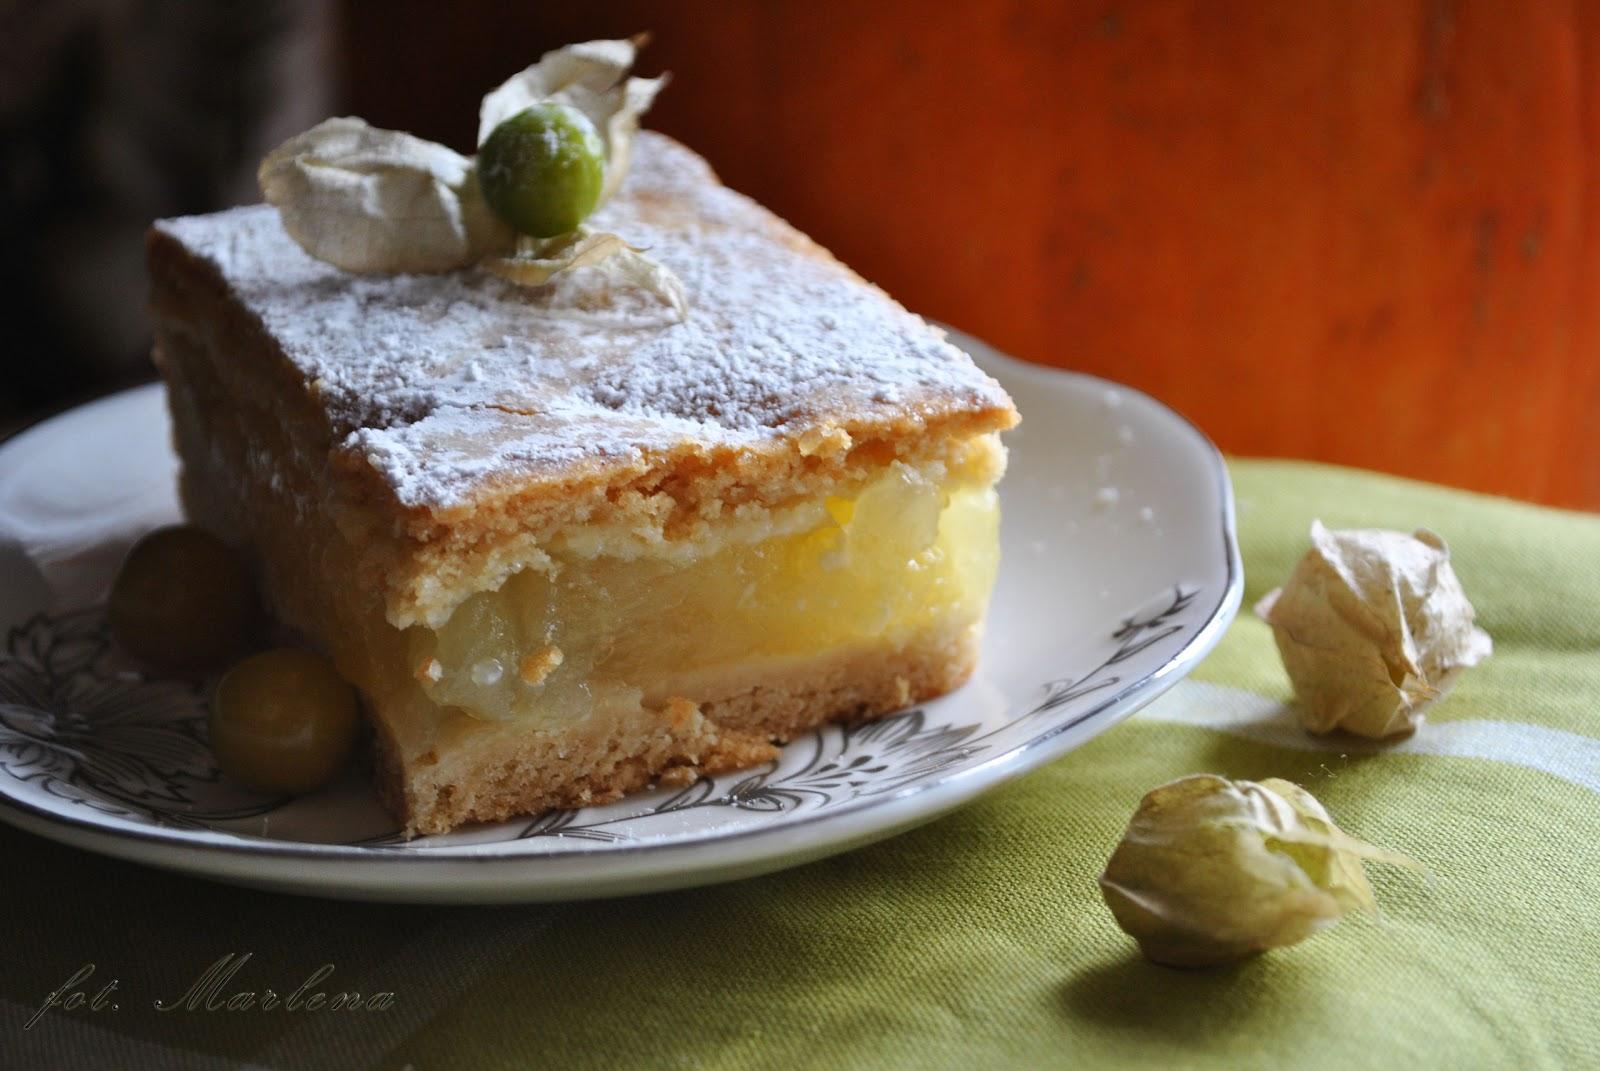 Kuchnia Marlenity Szarlotka Z Jabłkami Prażonymi